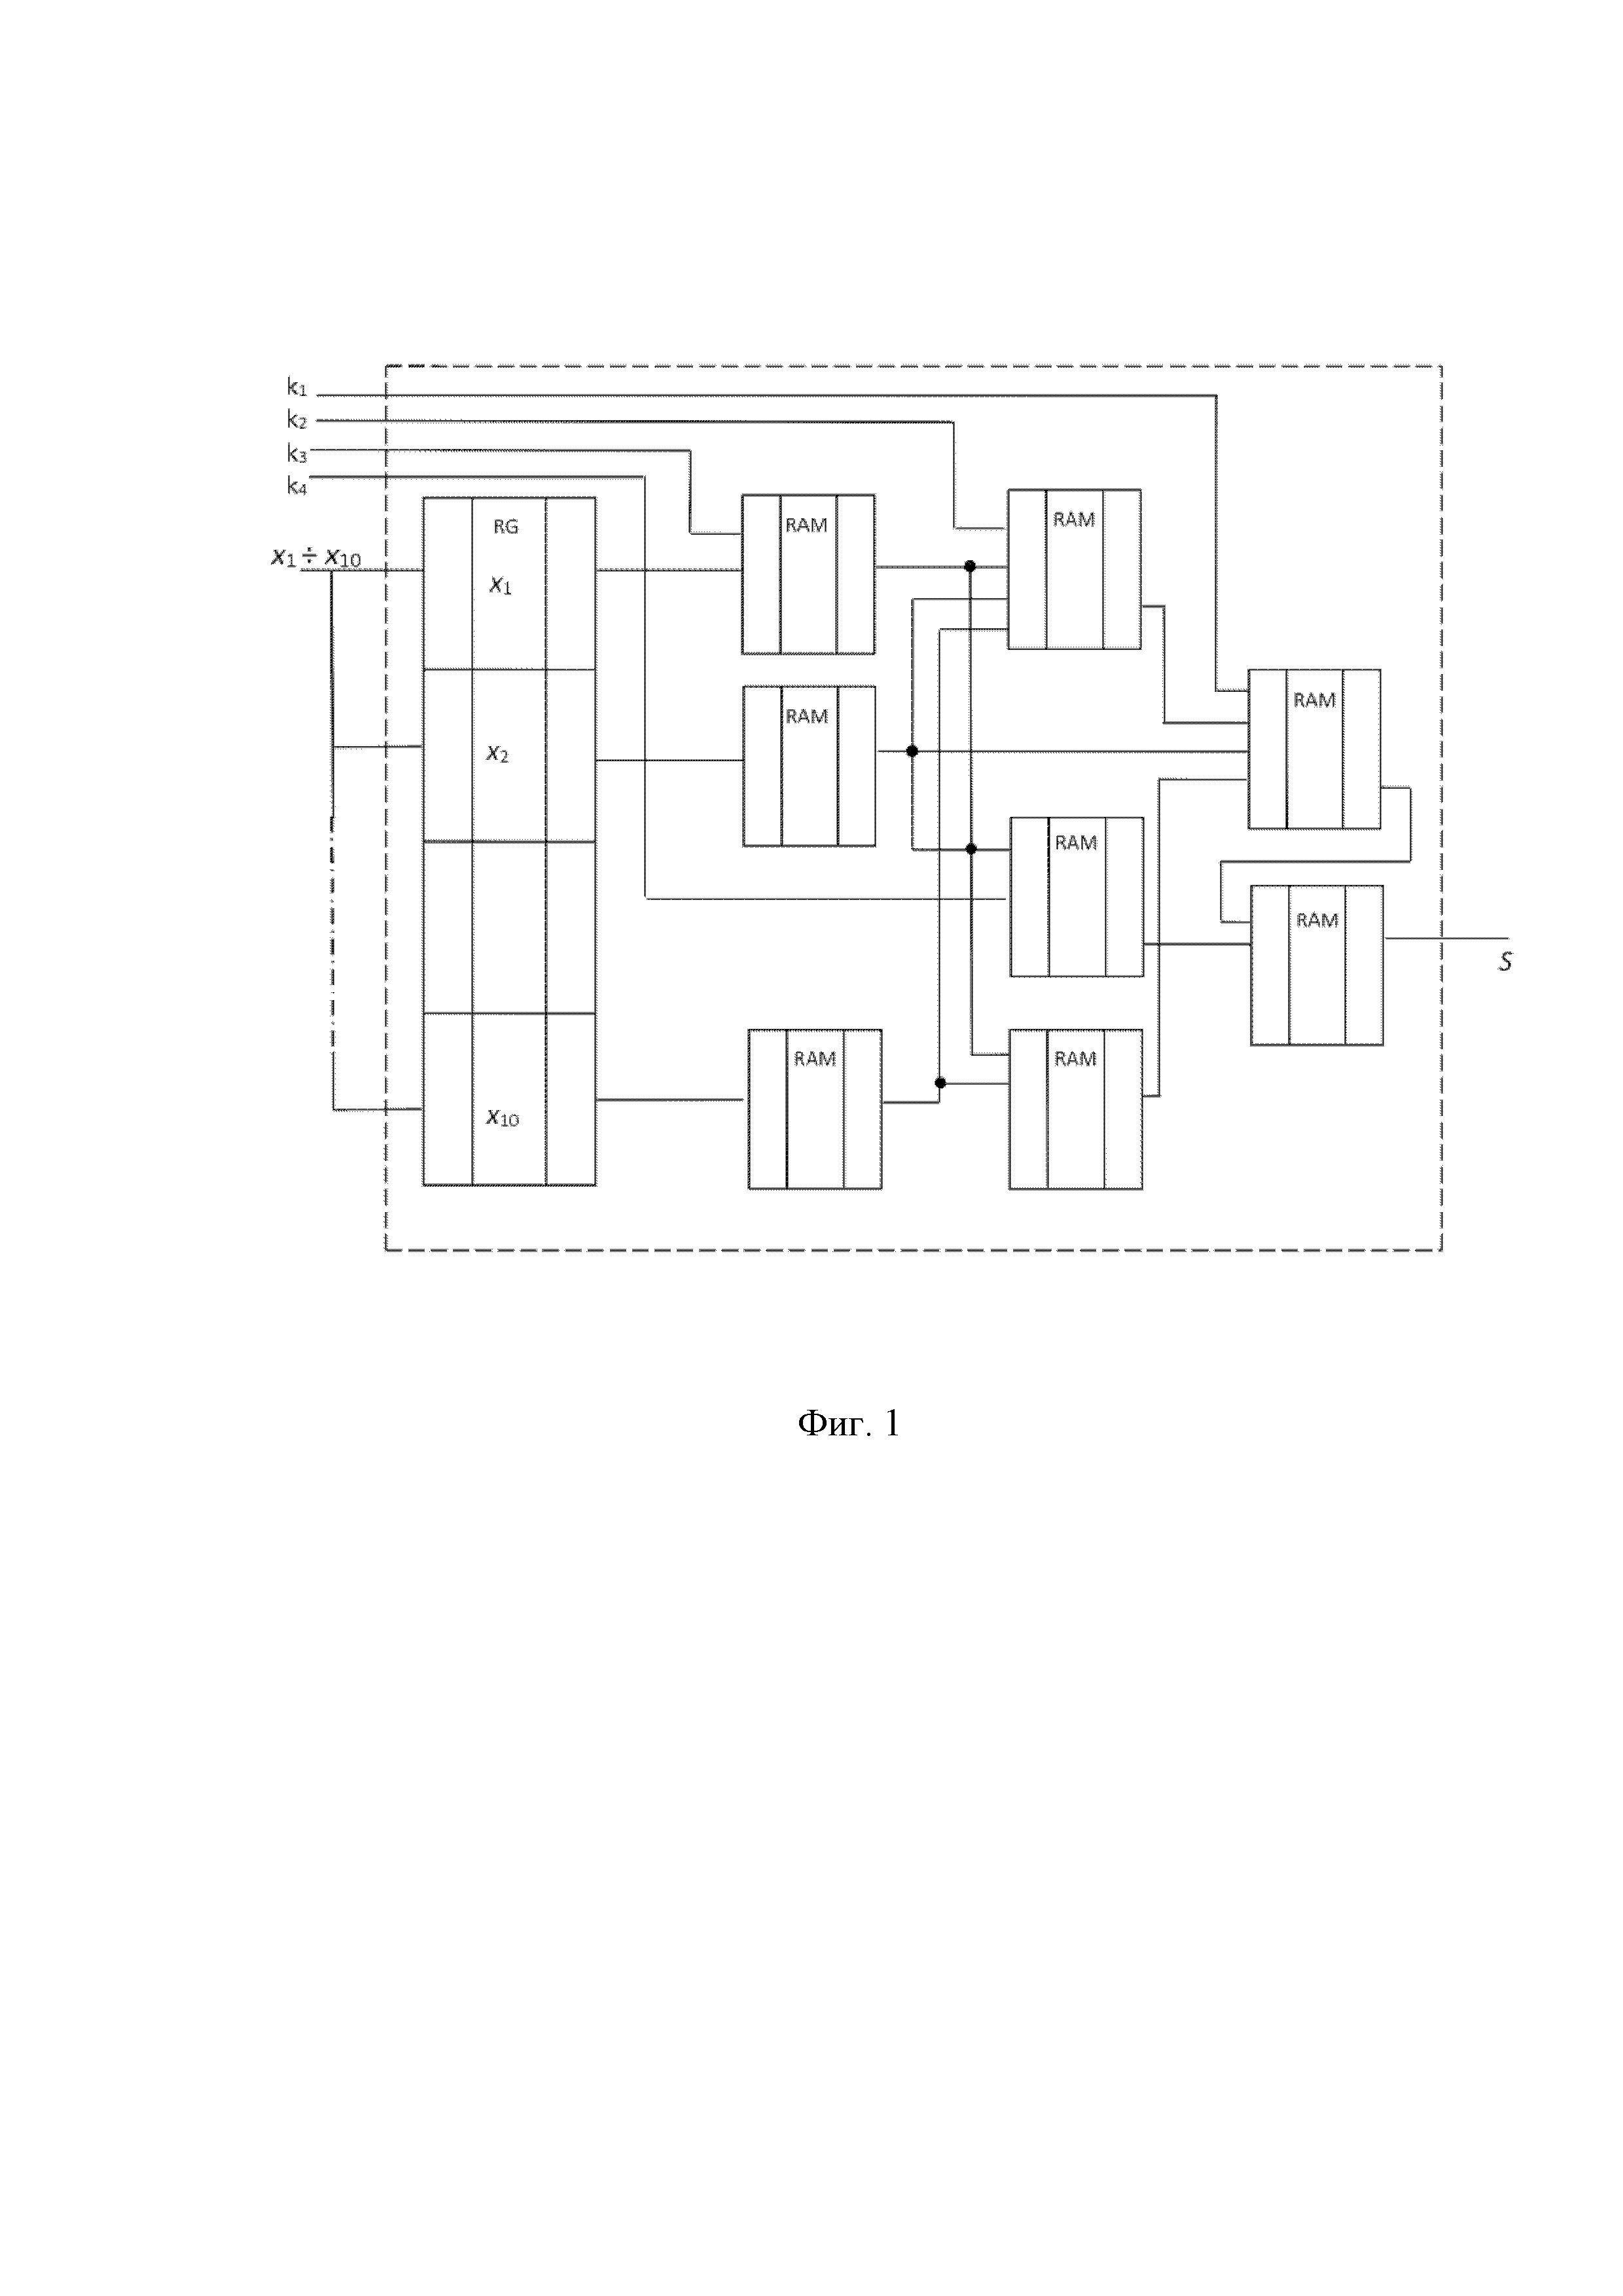 Способ кодирования информации в компьютерных сетях с использованием переменного PIN-кода, наборов случайных чисел и функциональных преобразований, проводимых синхронно для передающей и принимающей сторон